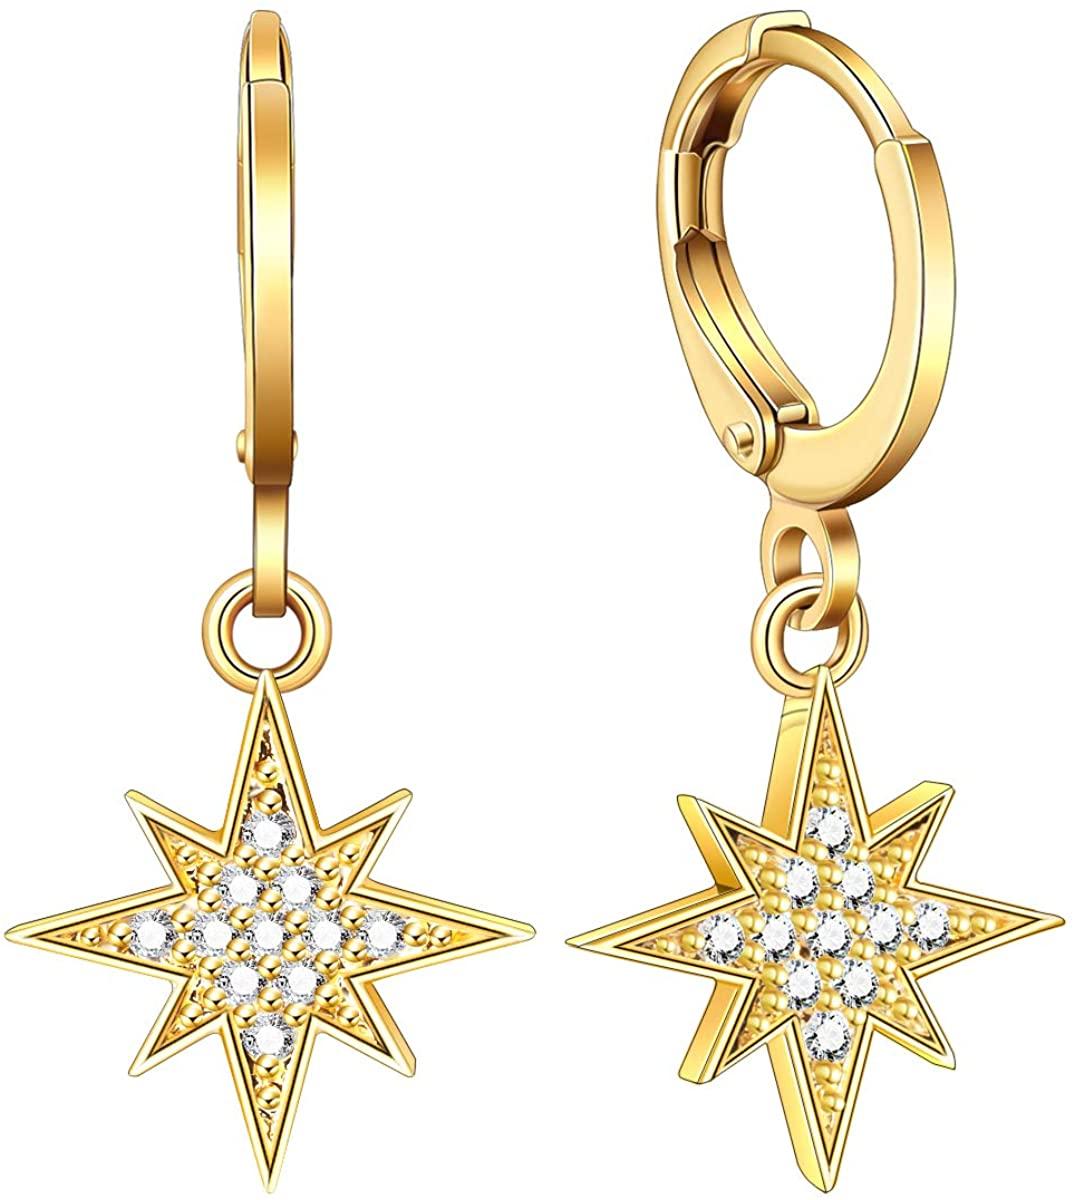 Ldurian Small Hoop Earrings, 14K Gold Plated Huggies, Sparkling CZ Charm Hoops, Dainty Dangle Ear Huggers, Delicate Women Jewelry, For Men Teen Girl (Leverback, Brass)